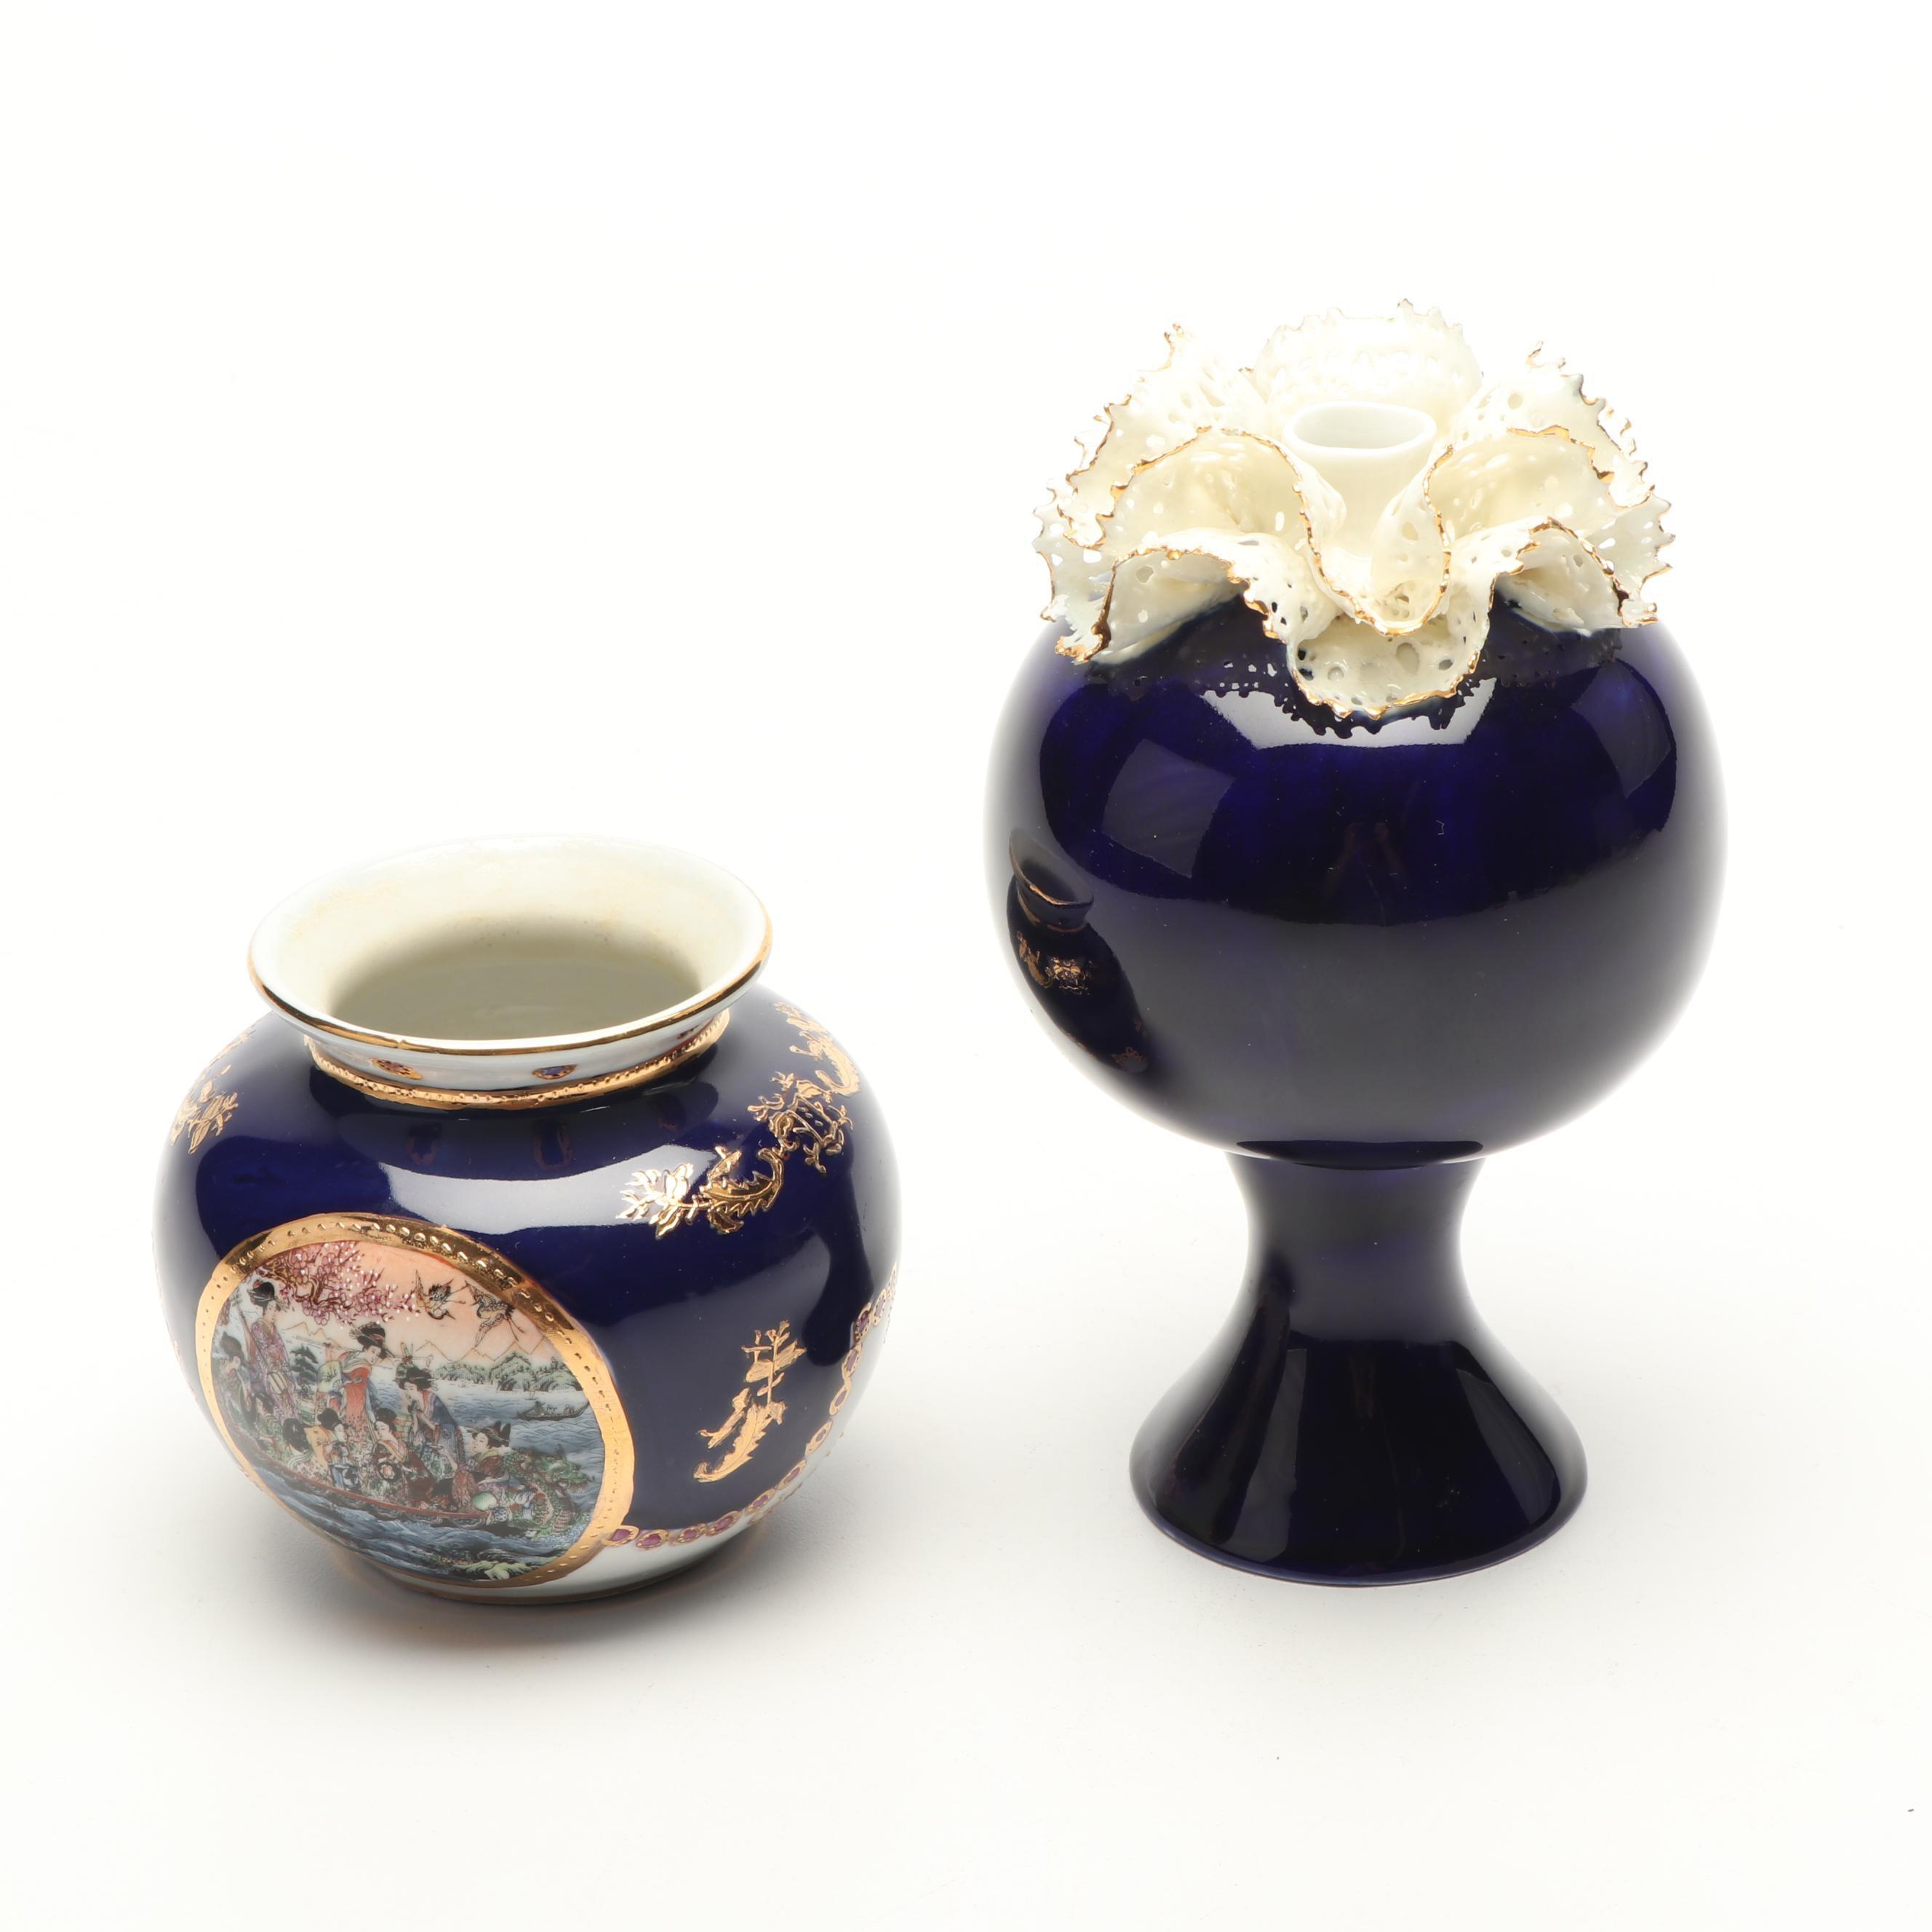 Limoges and Royal Dux Porcelain Vases